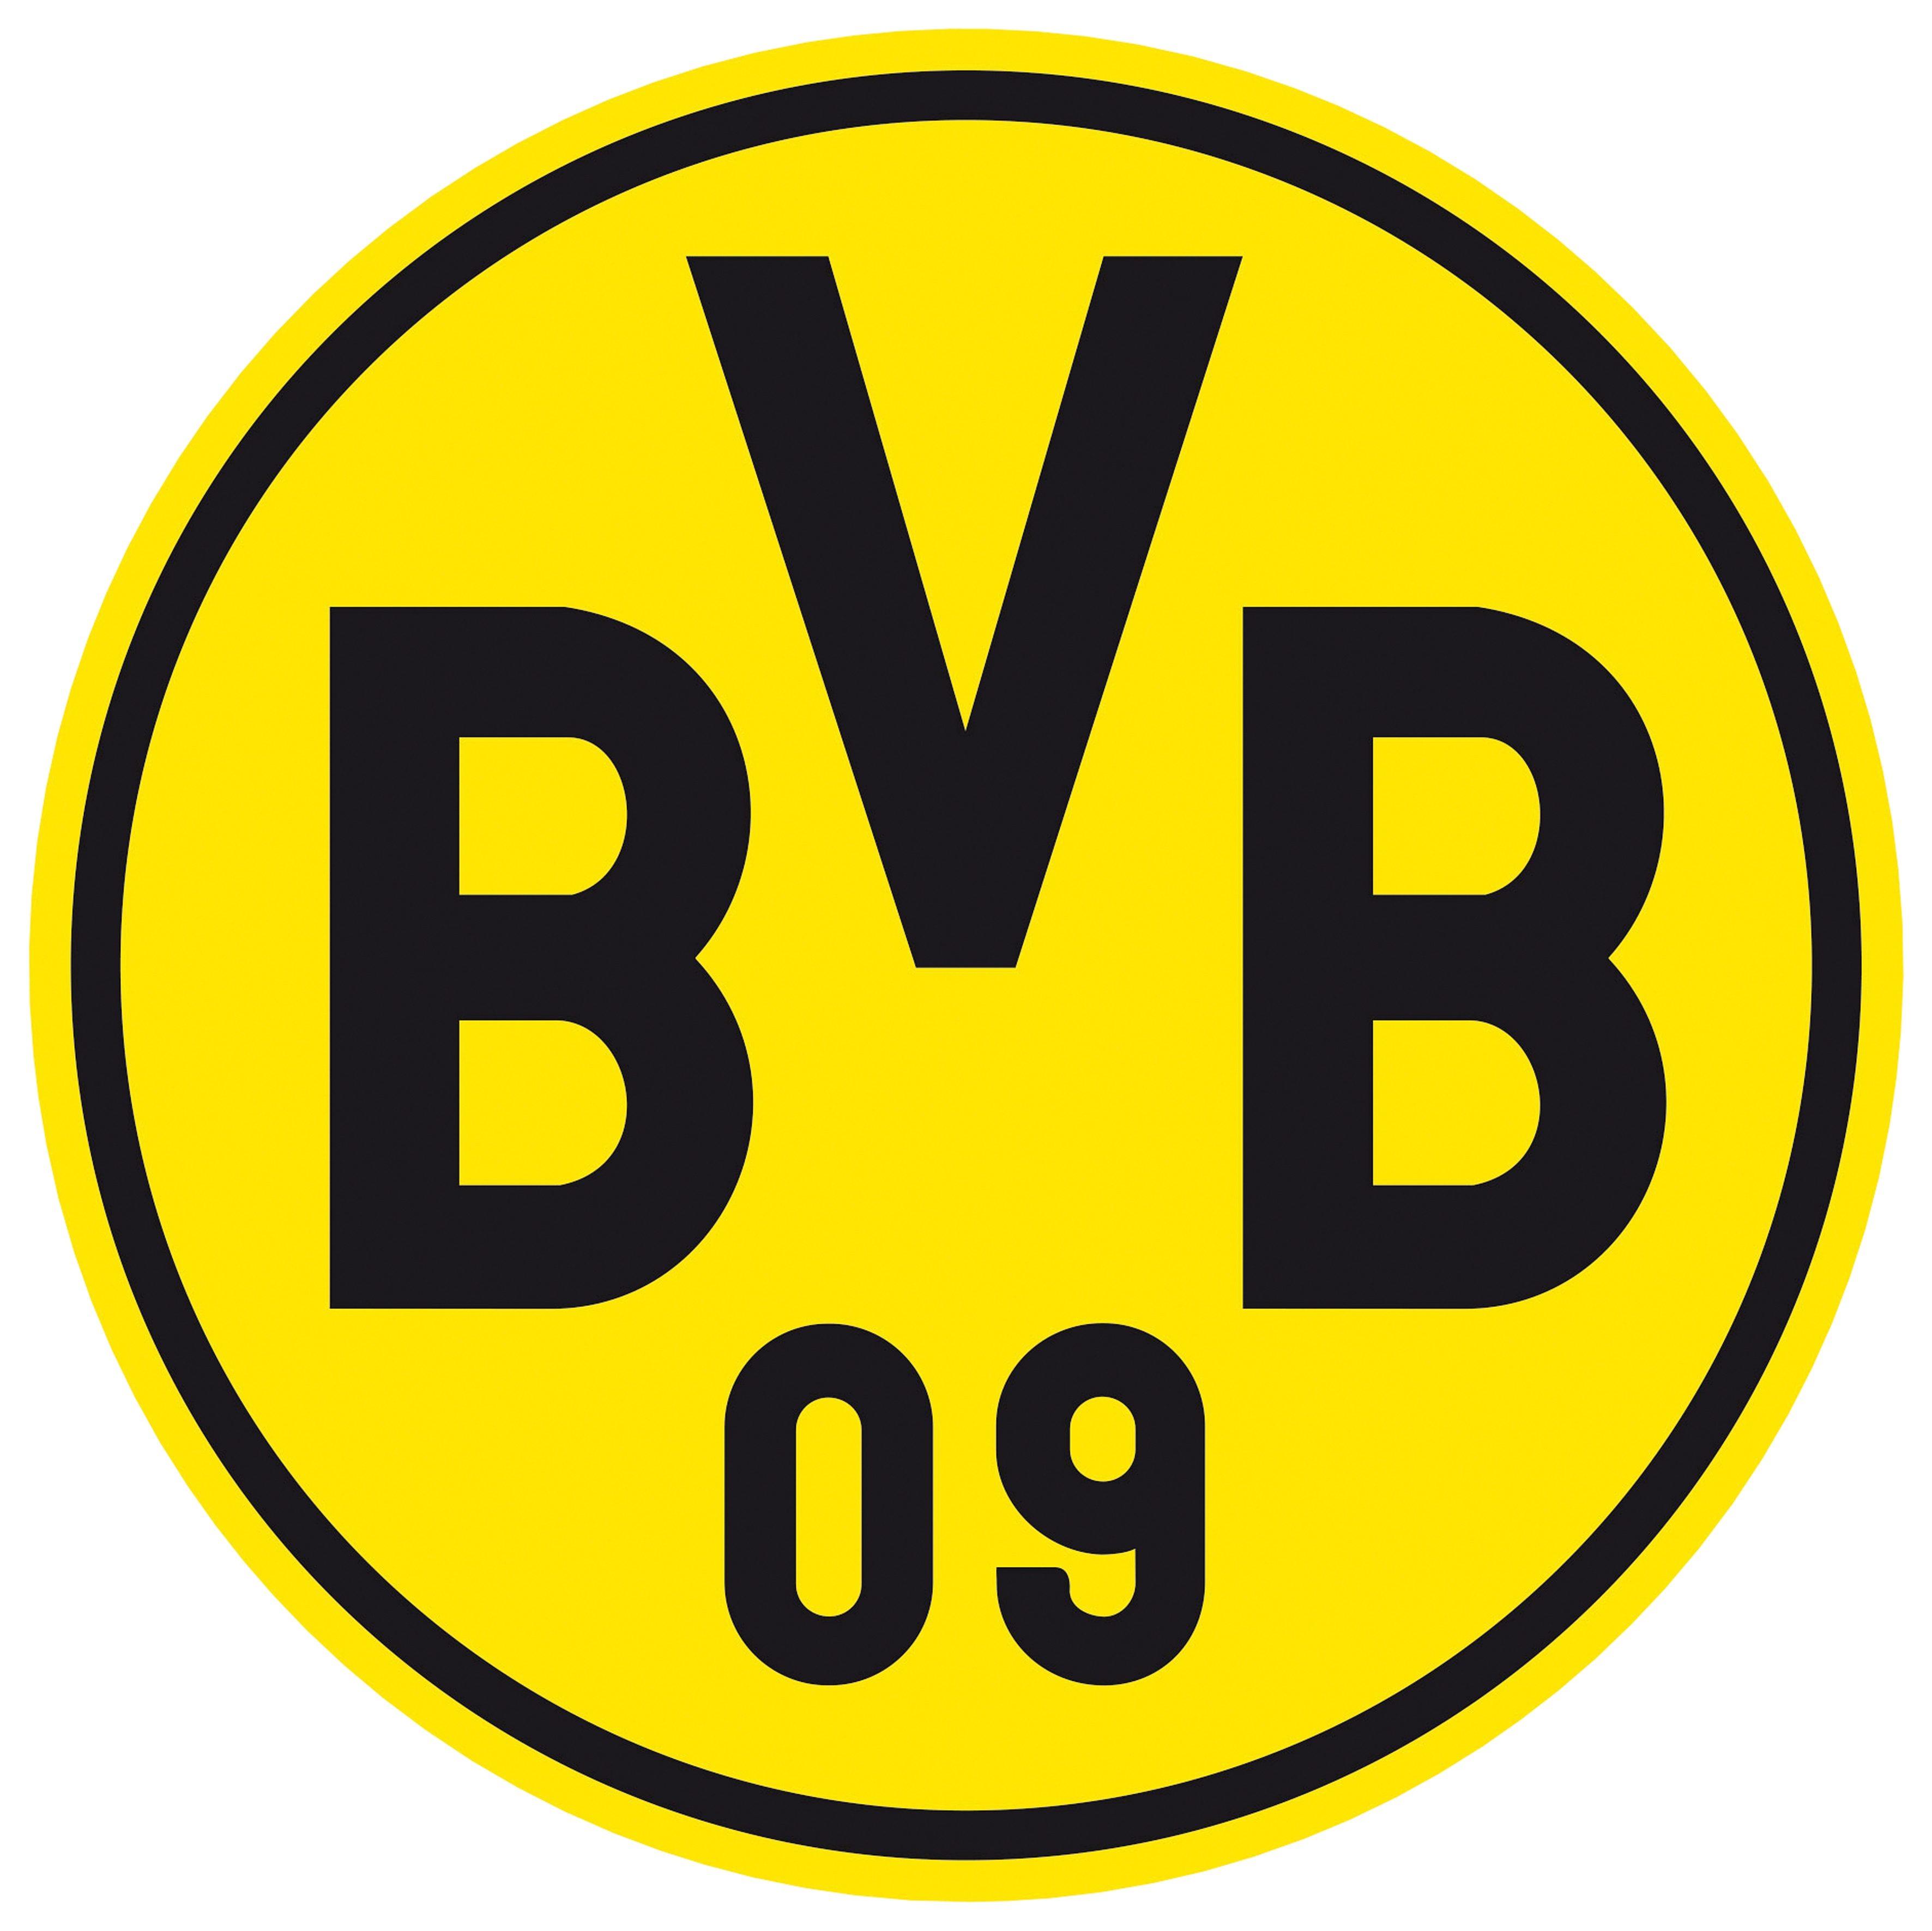 Home affaire Wandtattoo »Borussia Dortmund Logo«, 40/40 cm